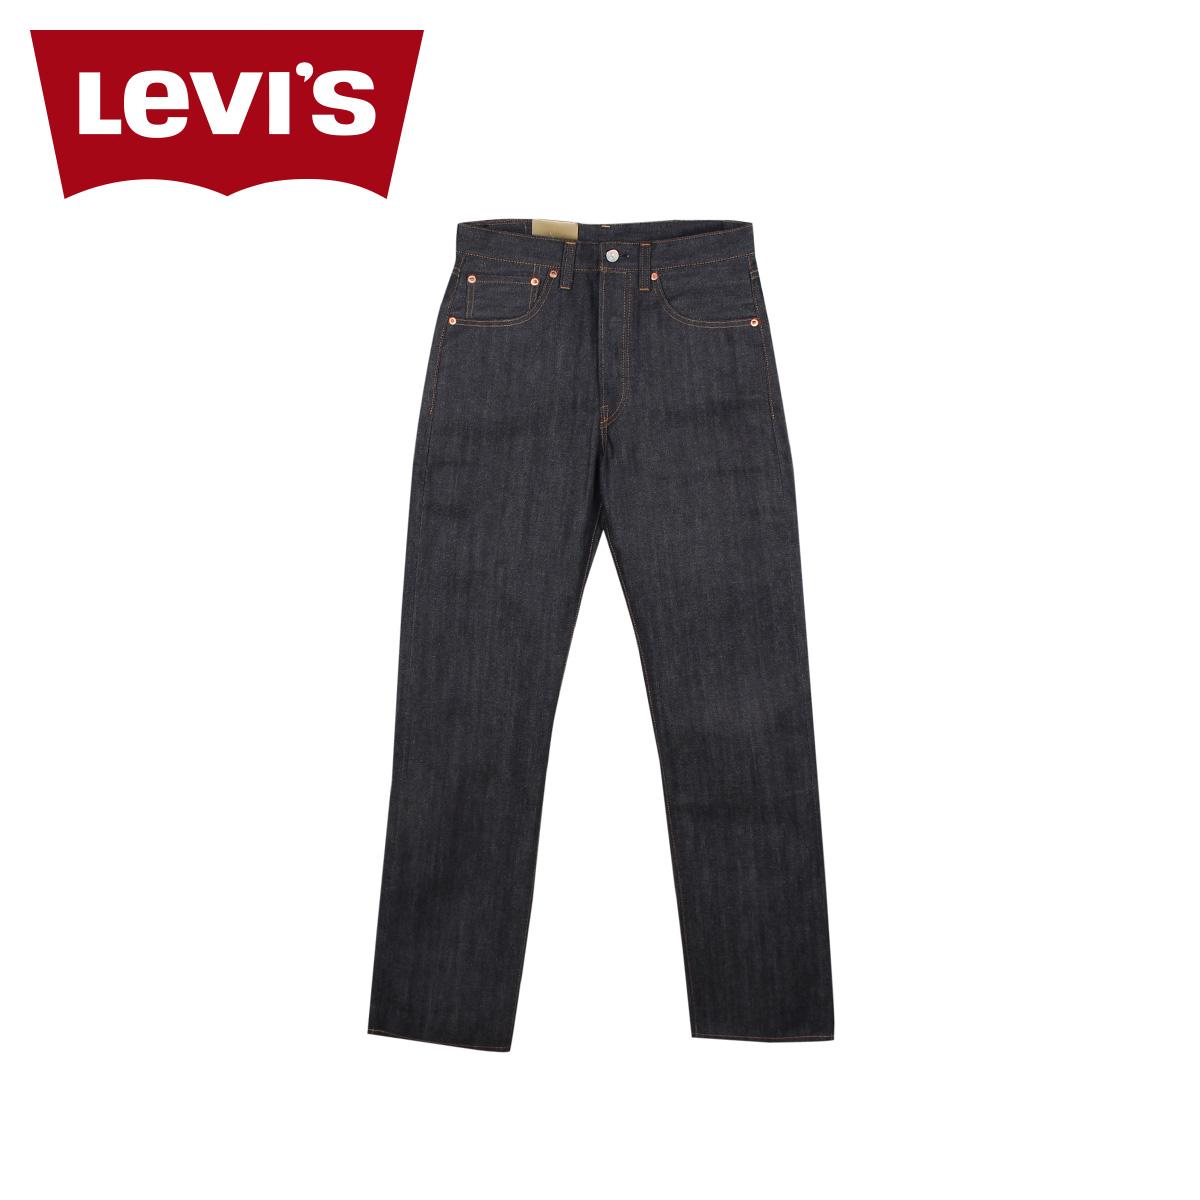 LEVIS VINTAGE CLOTHING リーバイス ビンテージ クロージング 501 リジッド デニム パンツ ジーンズ ジーパン メンズ ストレート レギュラーフィット ノンウォッシュ 1947'S 501XX JEANS LVC ネイビー 47501-0200